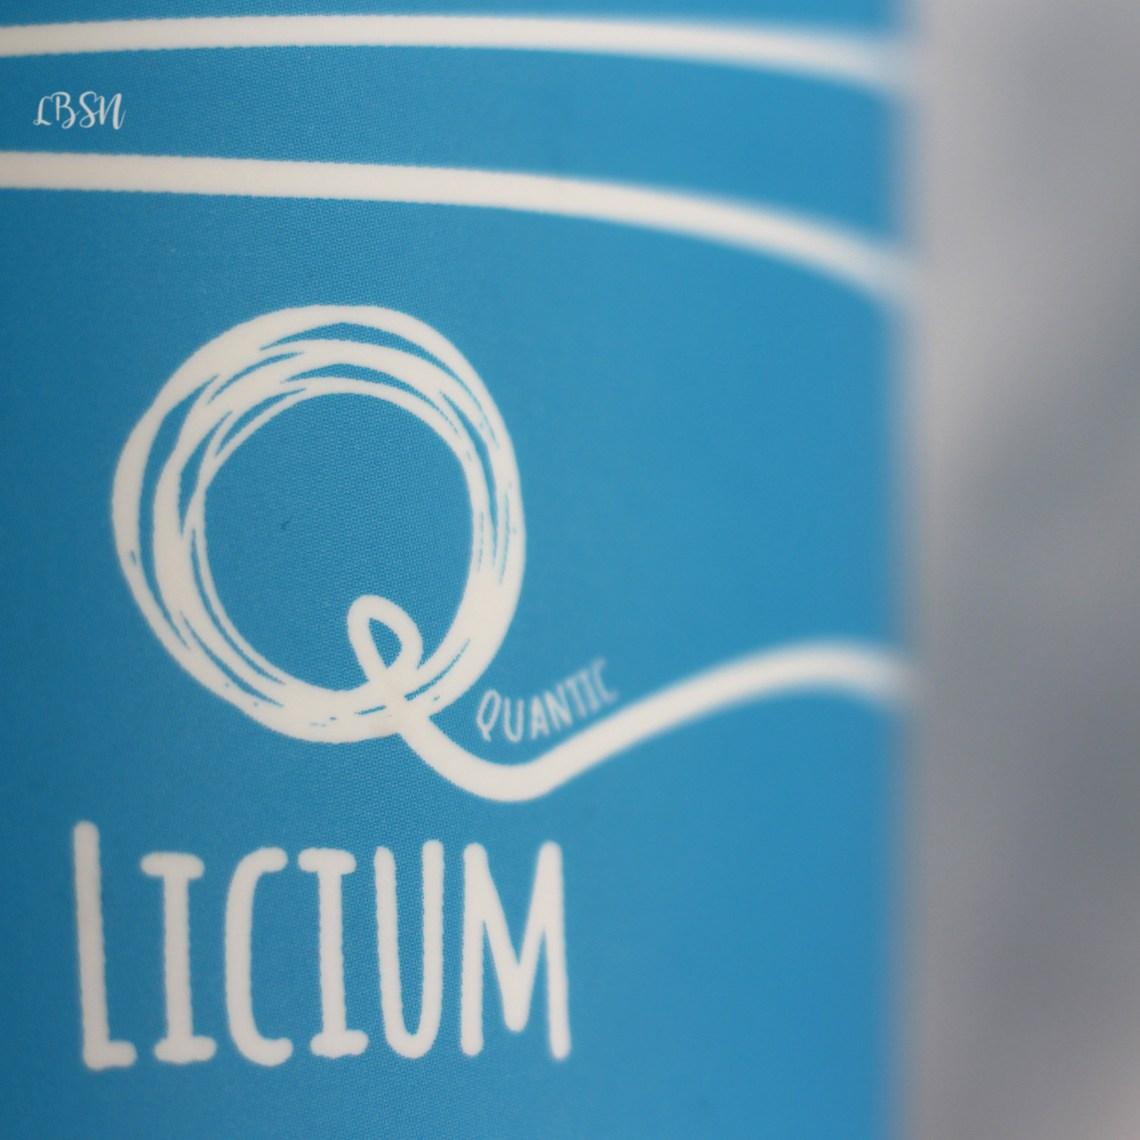 Detergente purificante, riequilibrante e intimo - Quantic Licium